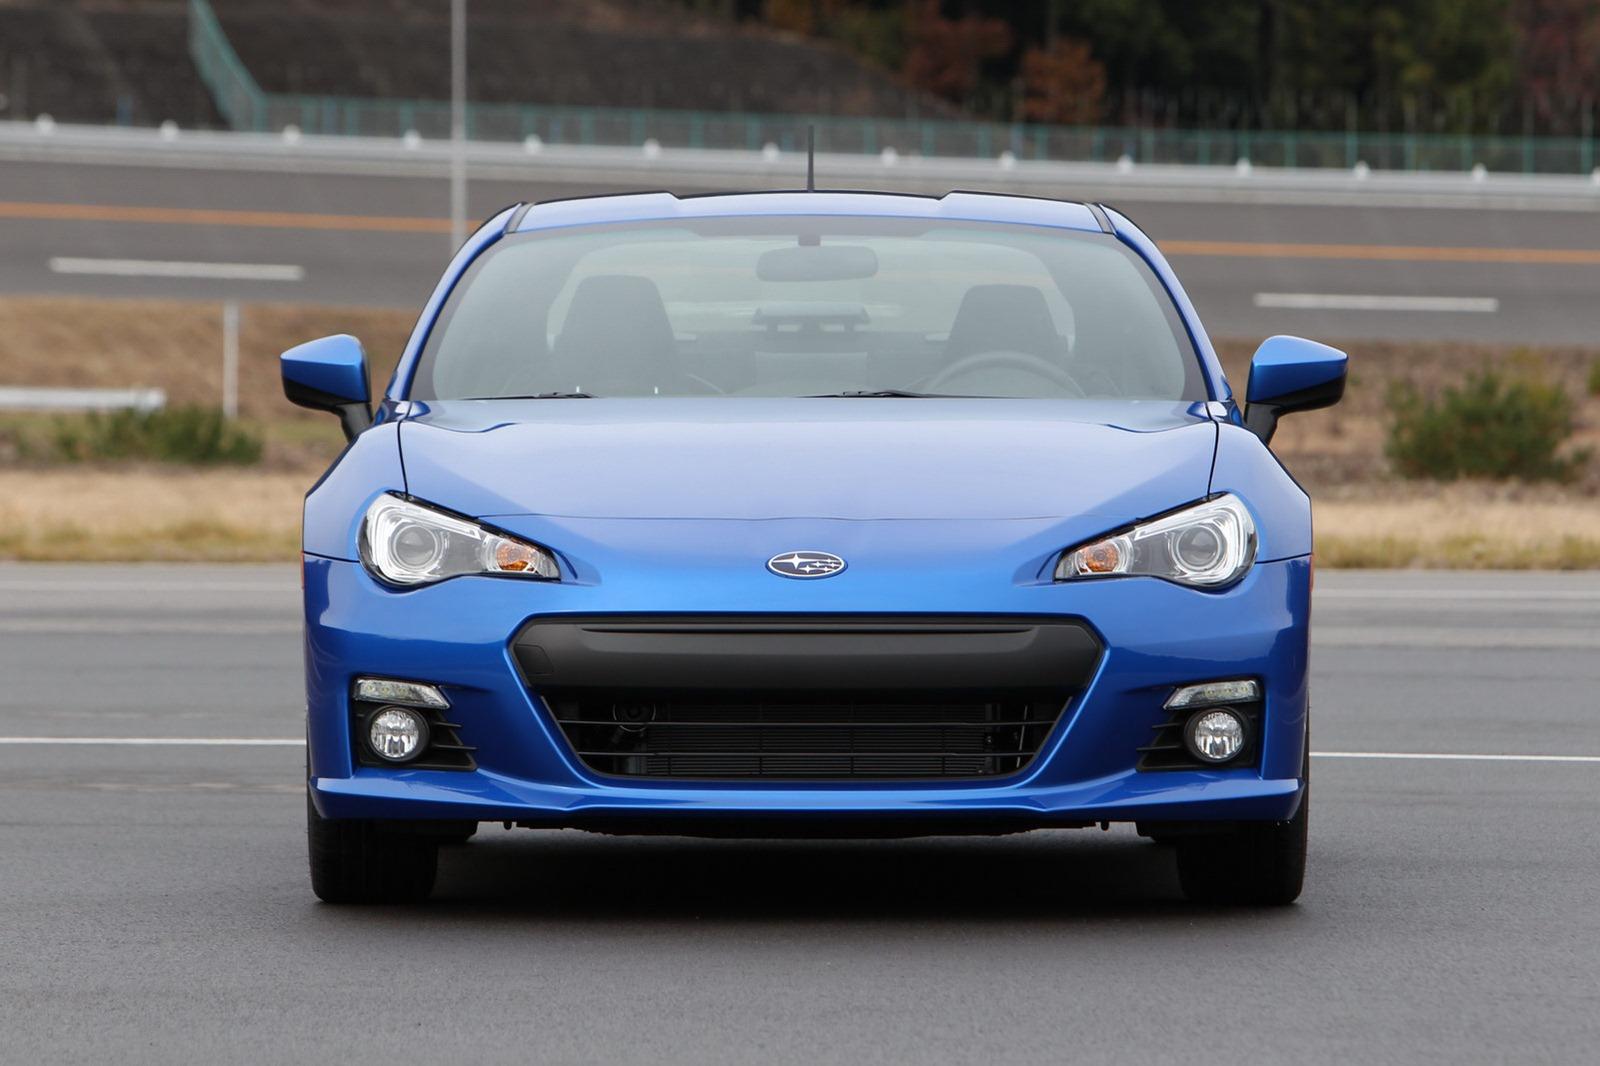 2013-Subaru-BRZ-Coupe-6.jpg?imgmax=1800